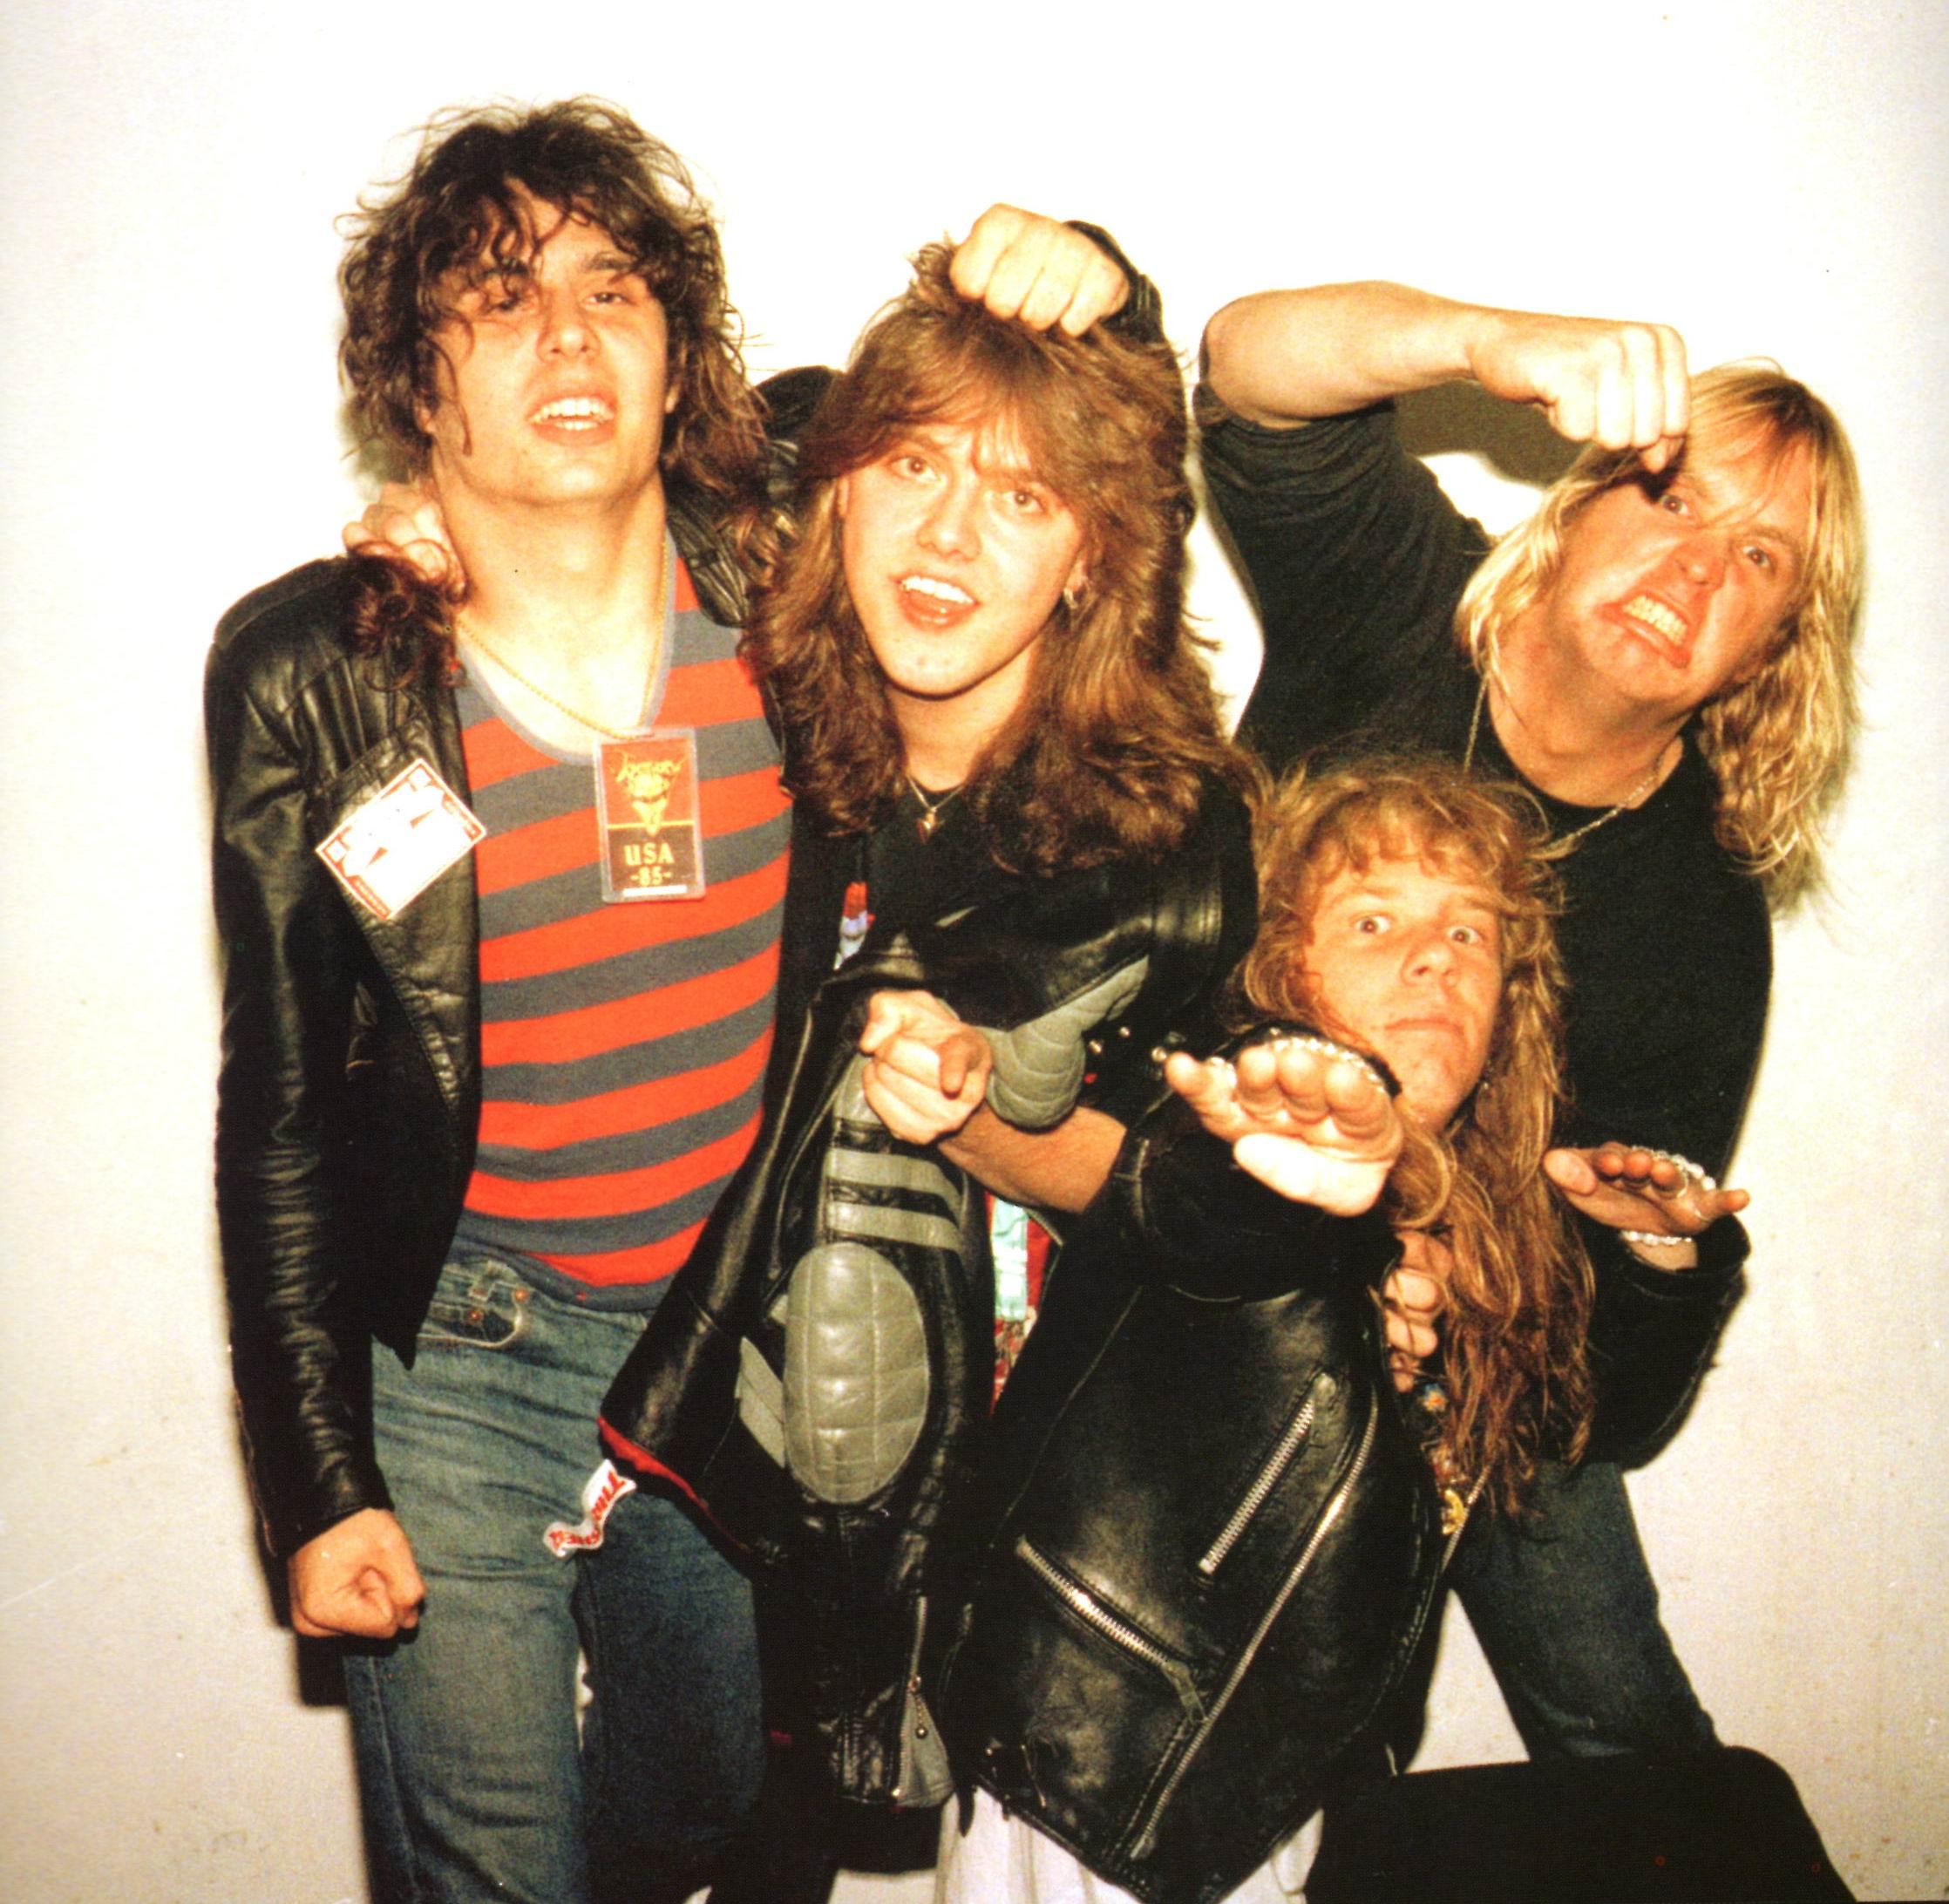 Slayer y Metallica, reyes del thrash metal a mediados de los ochenta. De izq. a dcha: Dave Lombardo, Lars Ulrich, James Hetfield y Jeff Hanneman. Fuente: www.pinterest.com